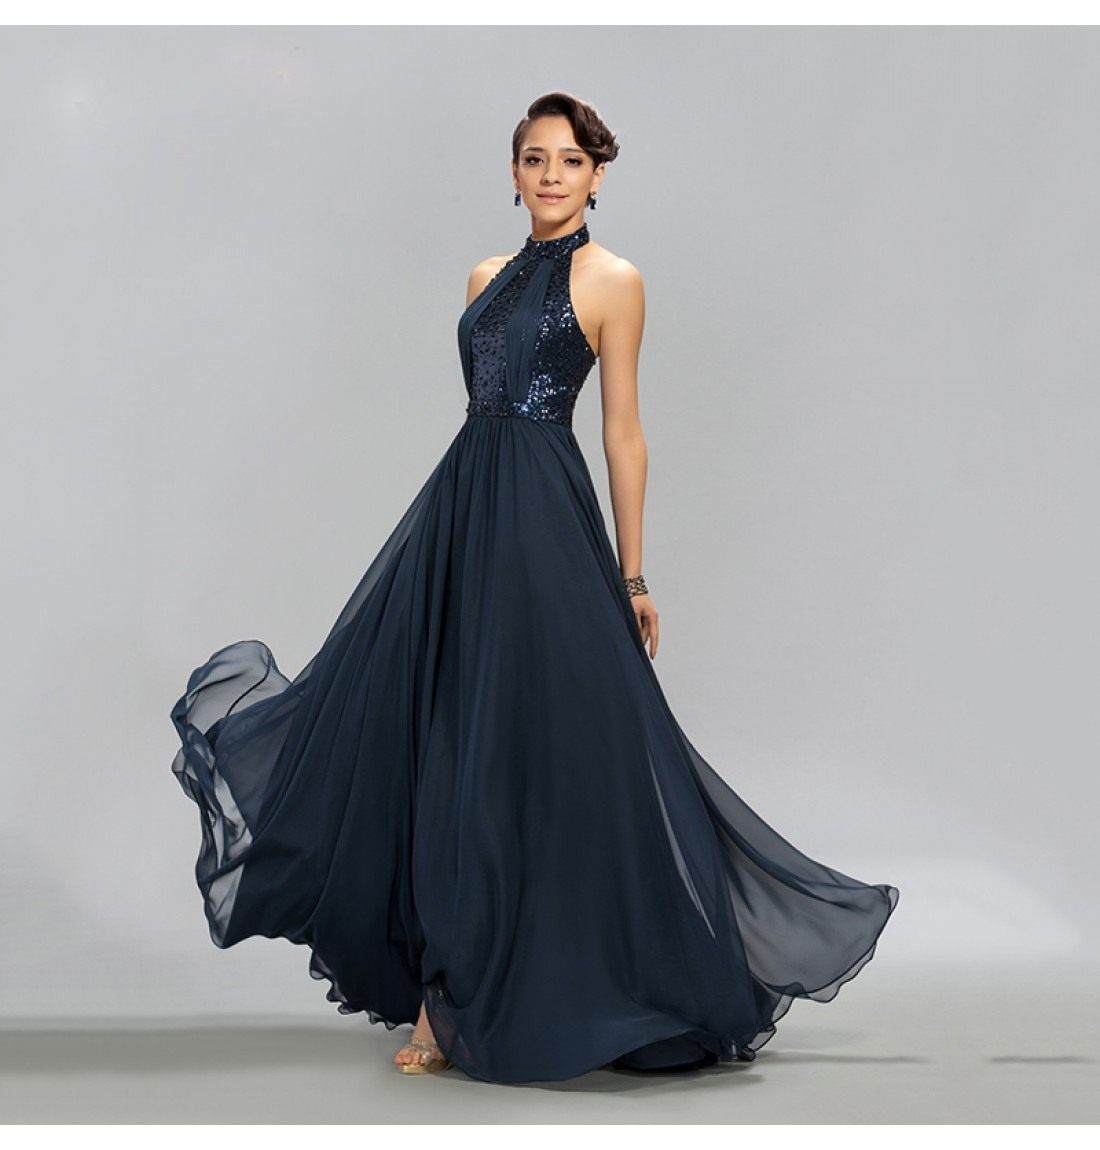 13 Einfach Abendkleider Glitzer Lang Bester Preis Top Abendkleider Glitzer Lang Spezialgebiet